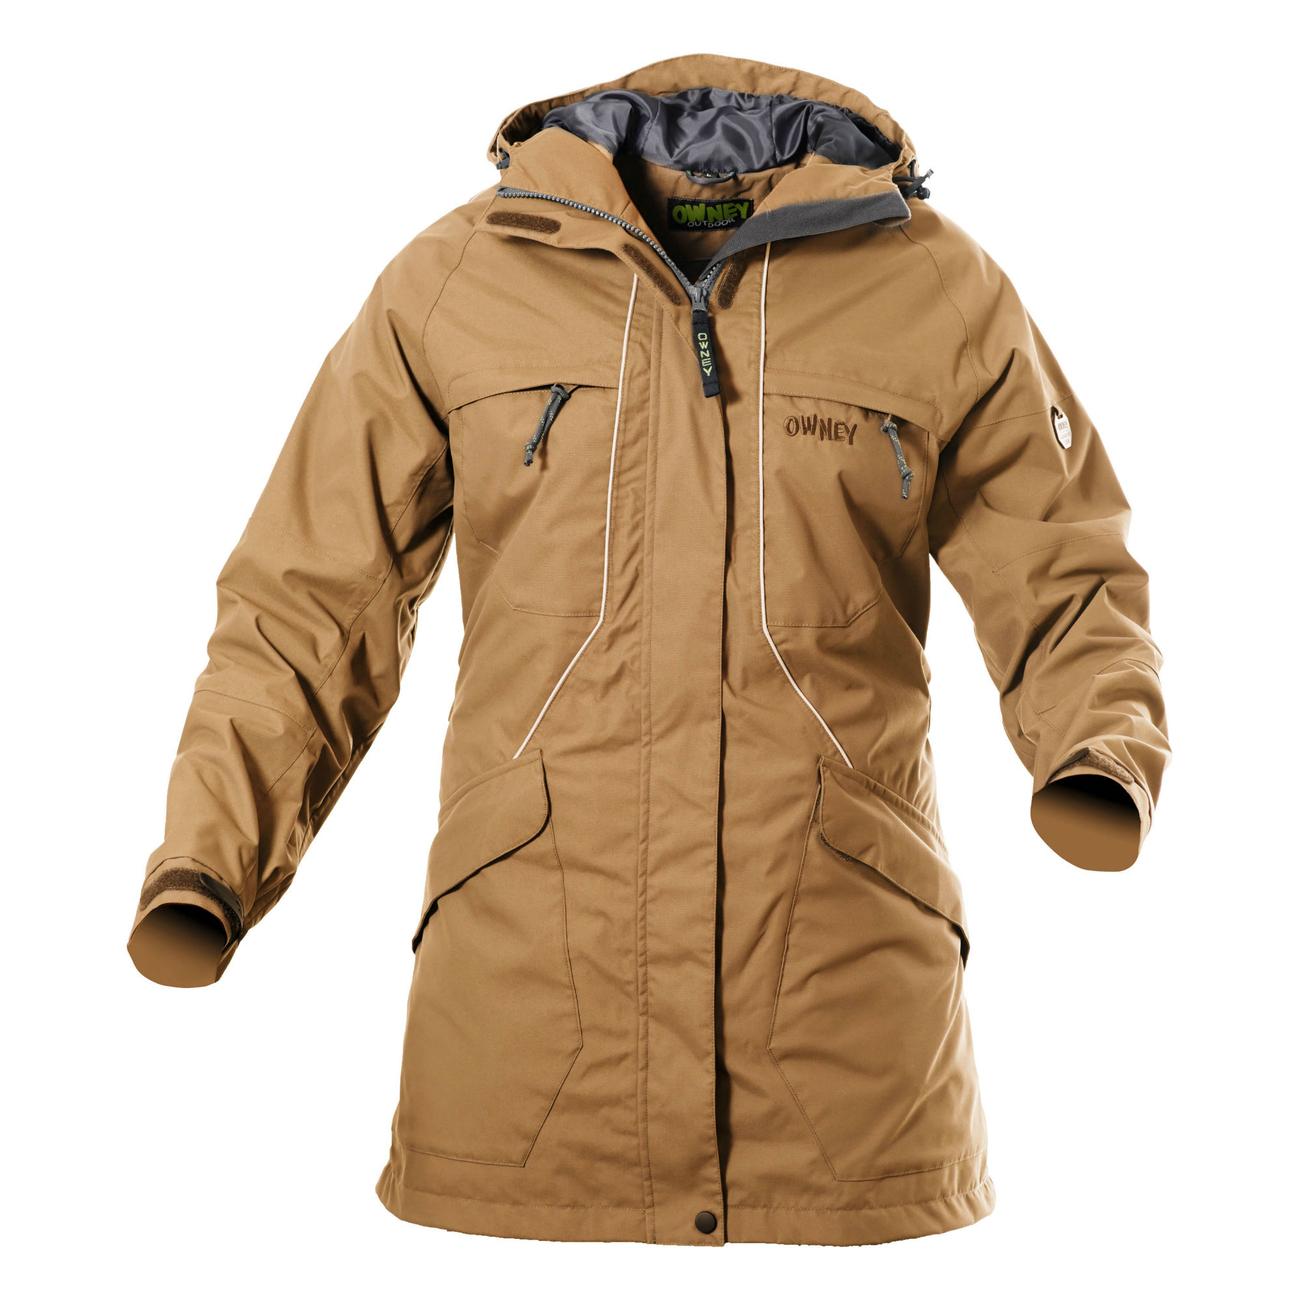 Owney Outdoor Parka für Damen Tuvaq, XL, beige